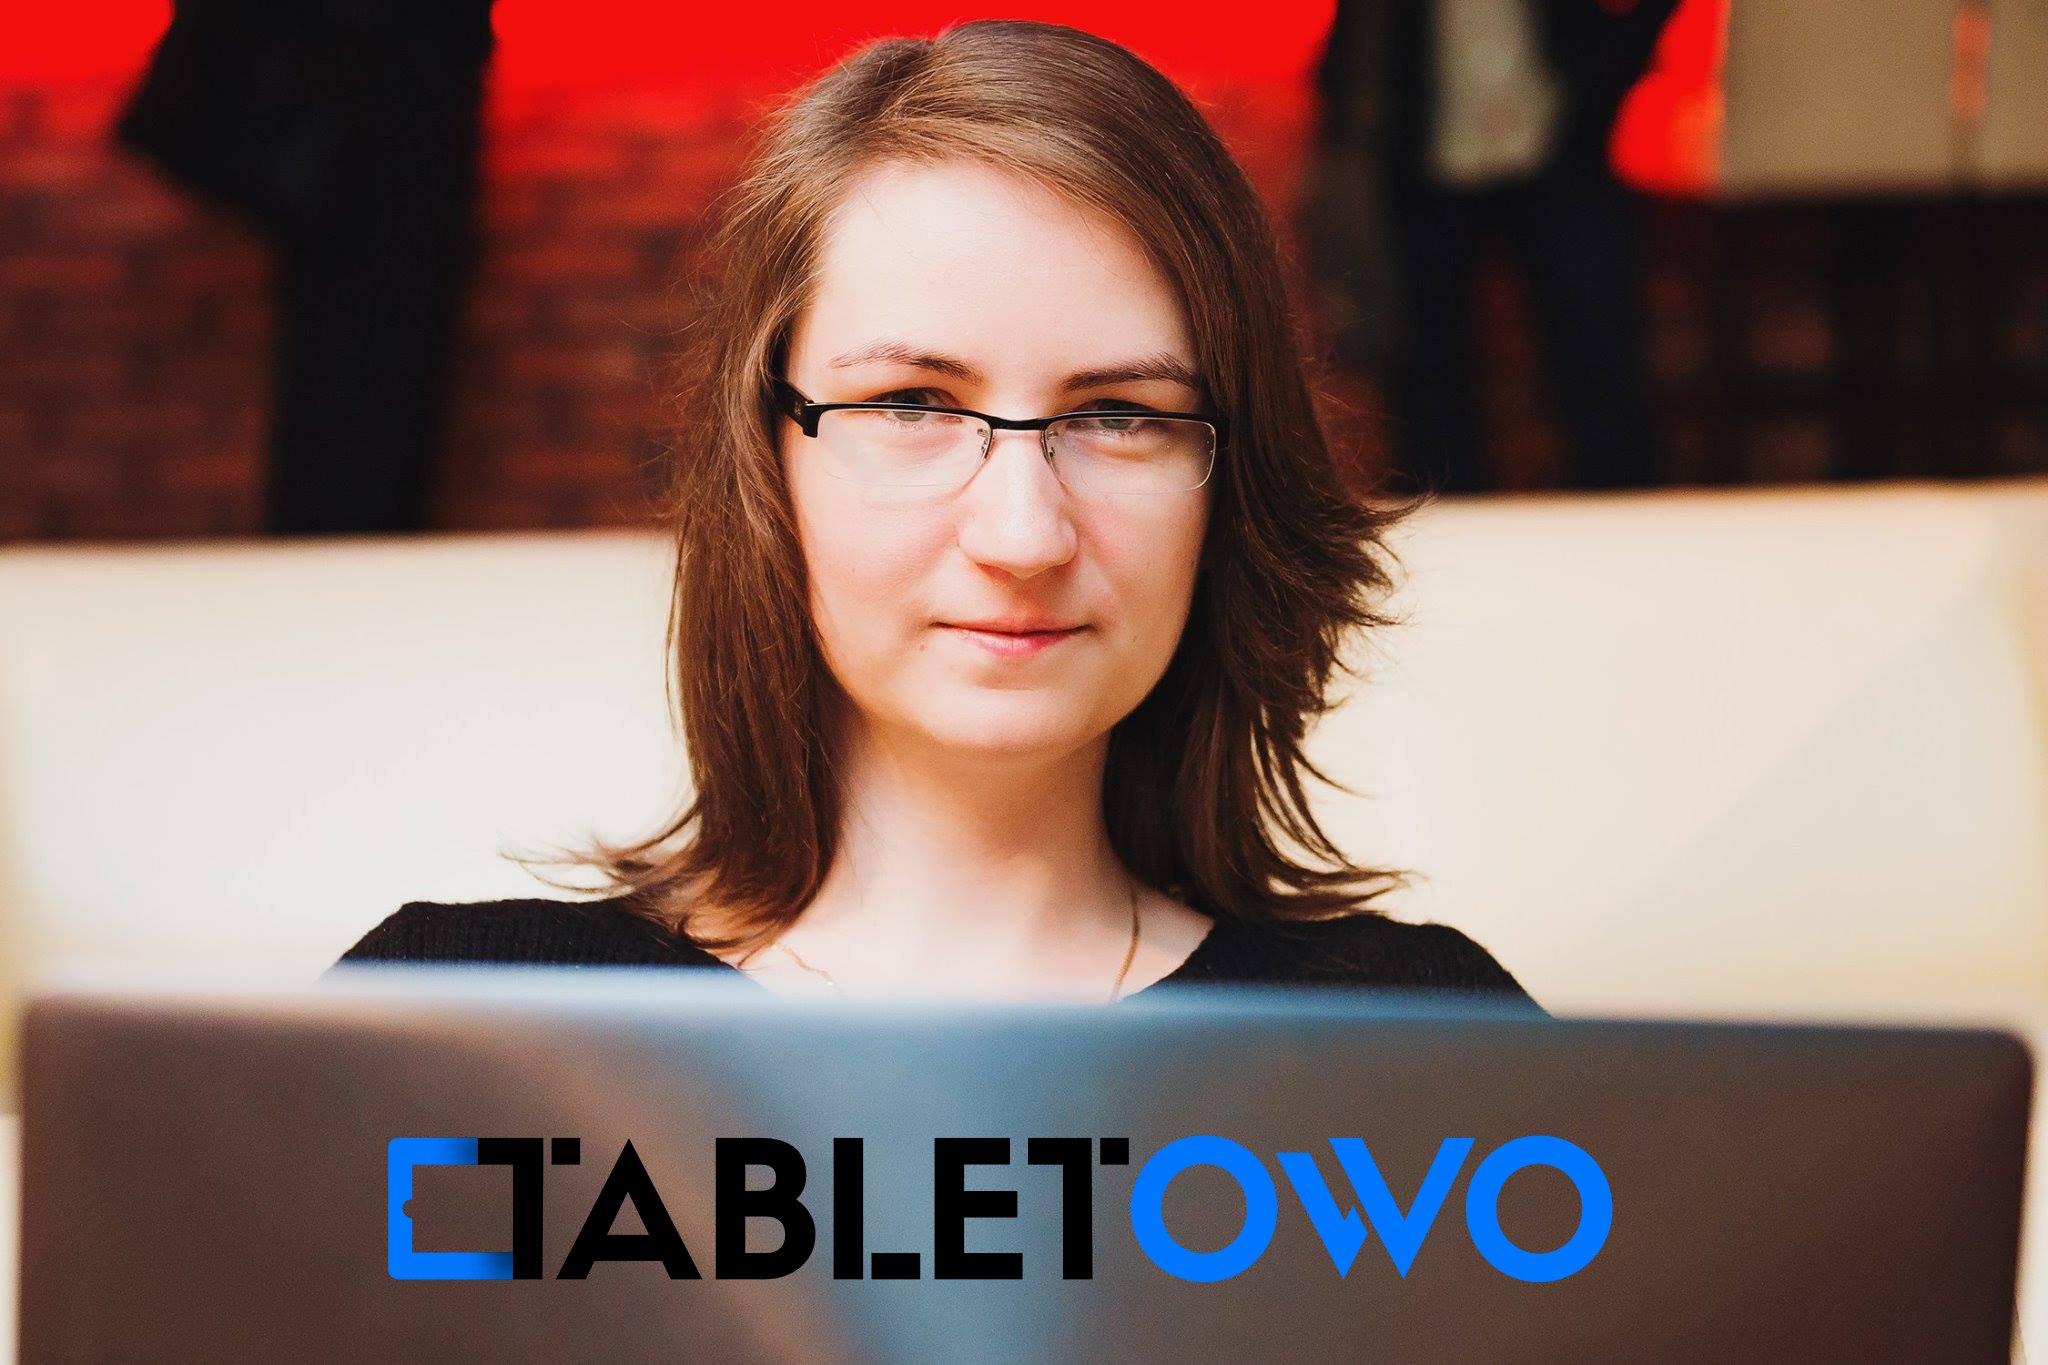 Tabletowo.pl Coś tu się zmieniło... Mamy nowe logo! Ciekawostki